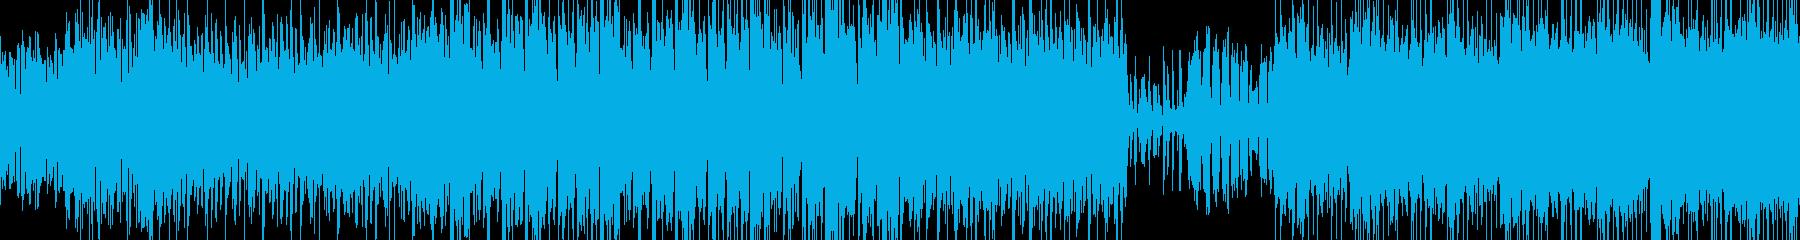 ダークでロックな雰囲気の曲の再生済みの波形